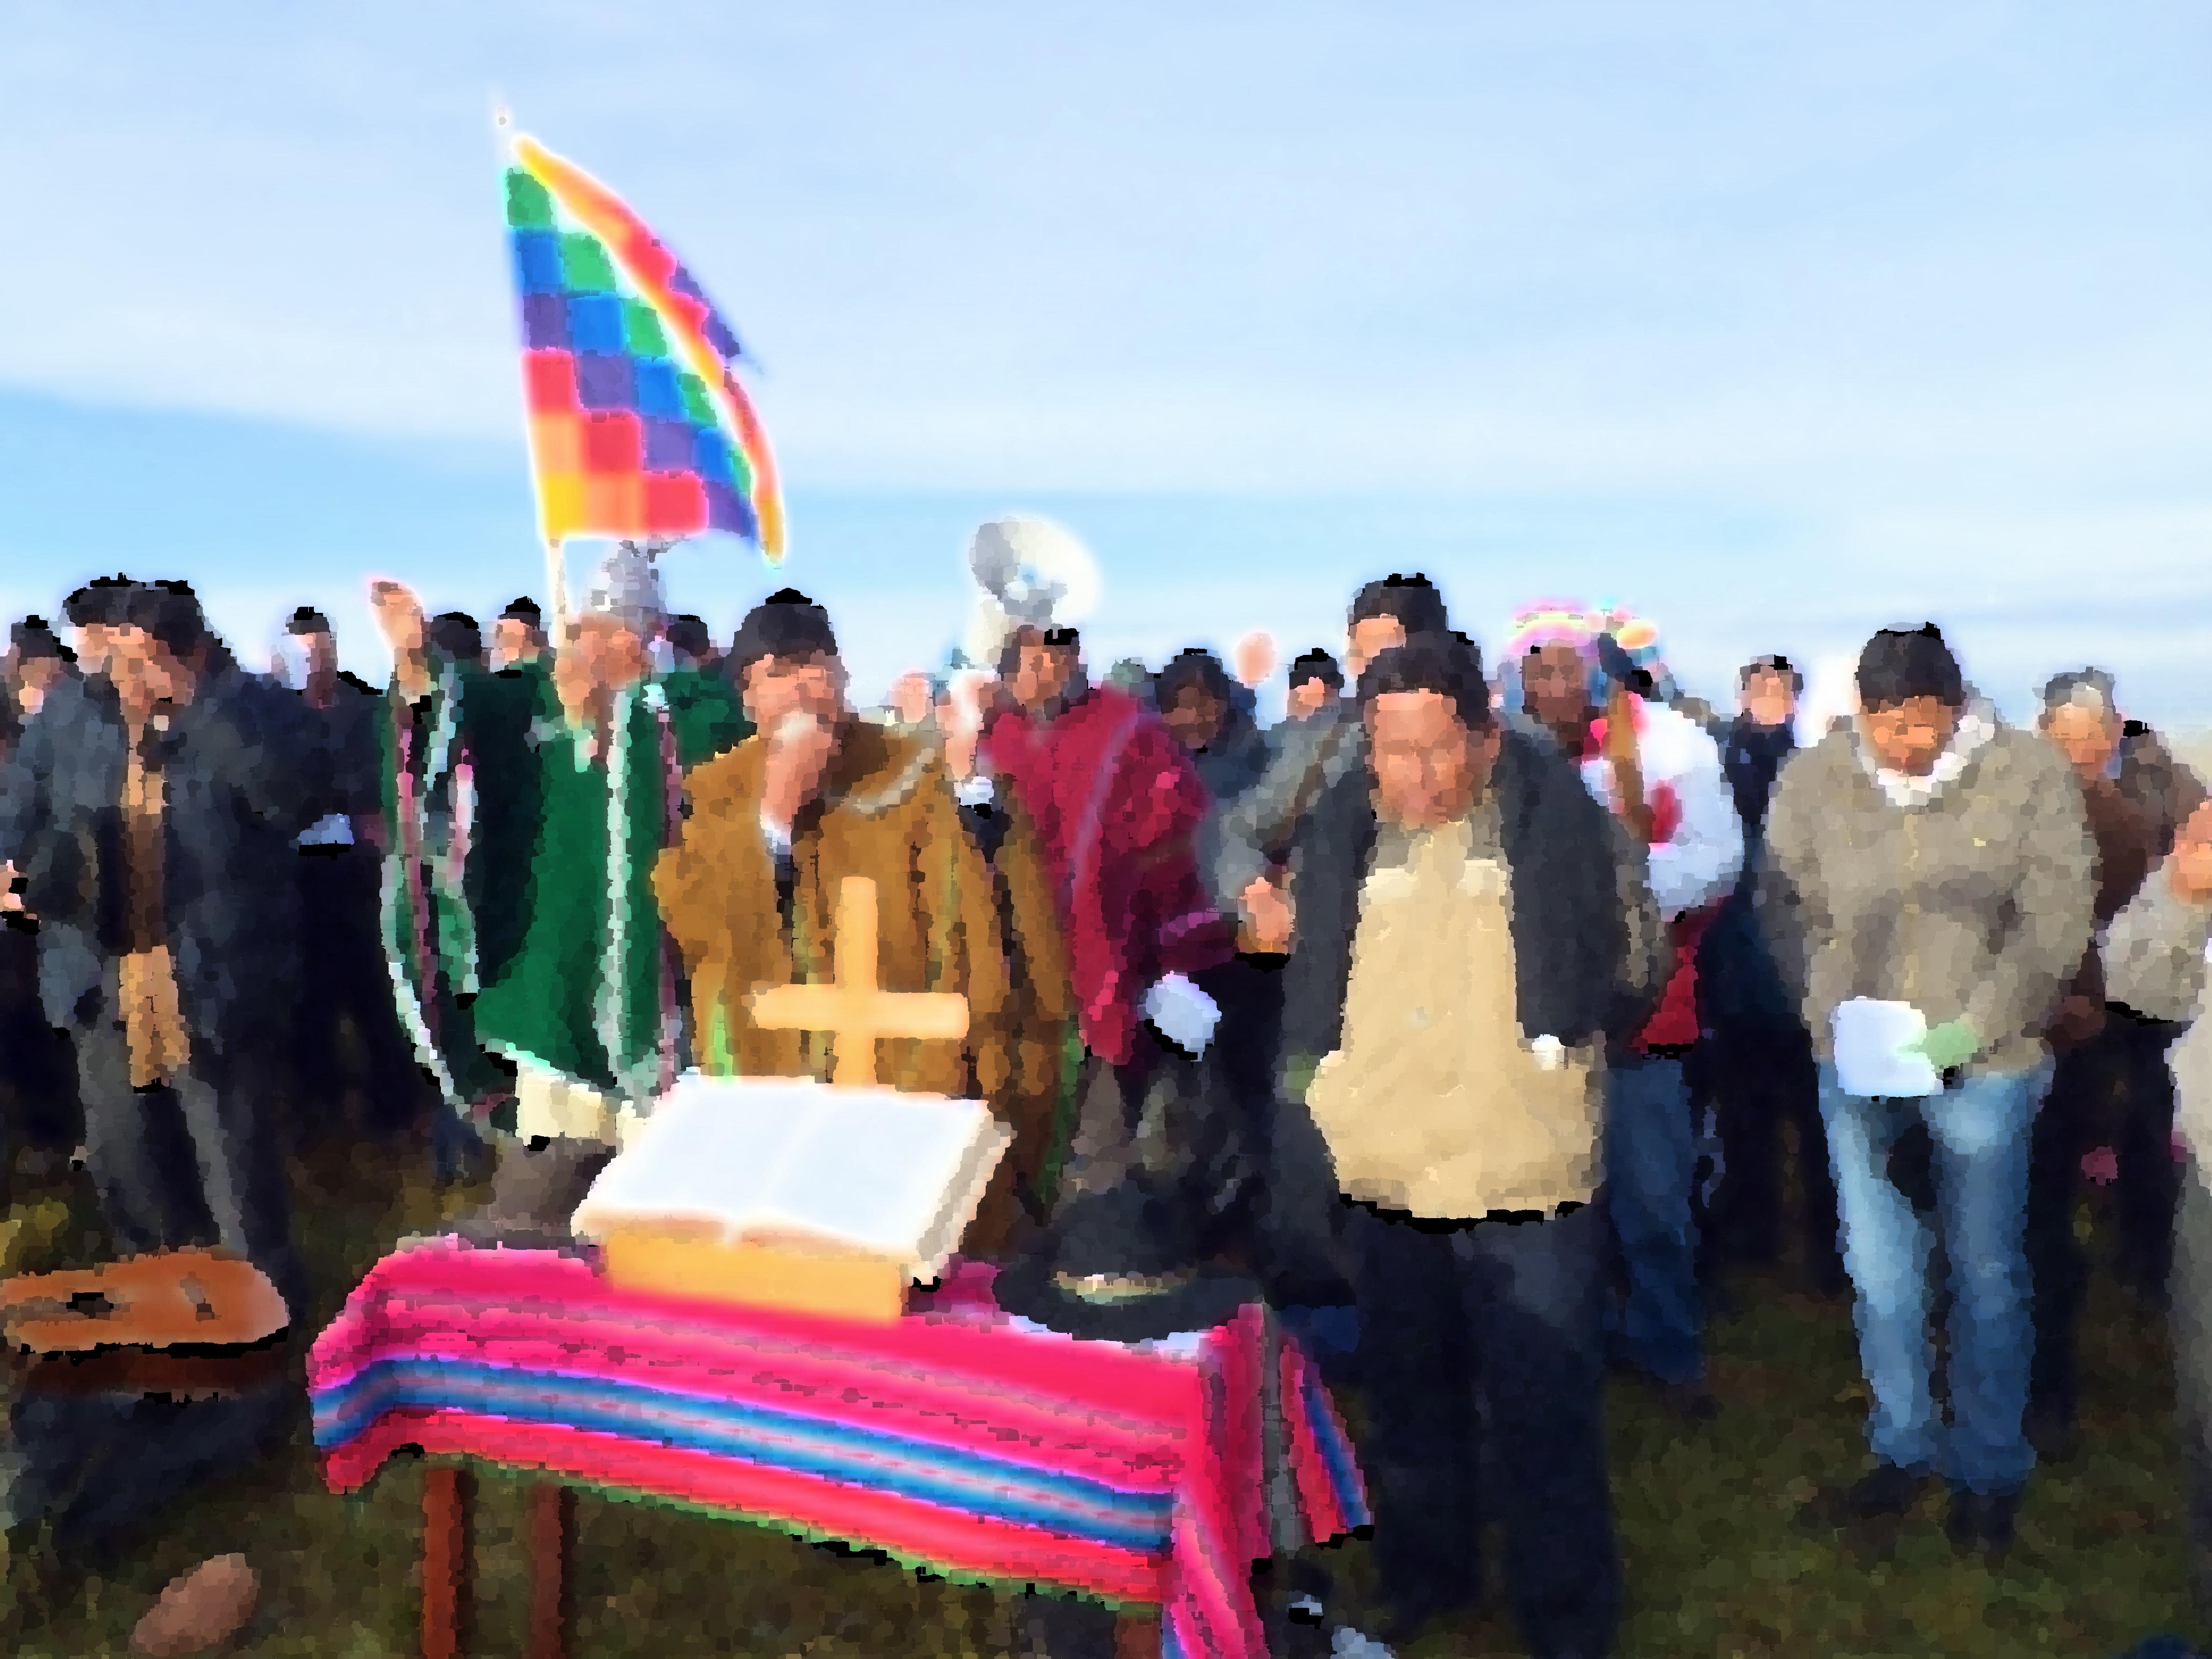 El Comité Ejecutivo de la Iglesia Evangélica en Bolivia (IEMB) hace un llamado a la paz y al encuentro, ante la situación de incertidumbre en el país, después de la renuncia del presidente Evo Morales. Fotocomposición Rev. Gustavo Vasquez, Noticias MU.